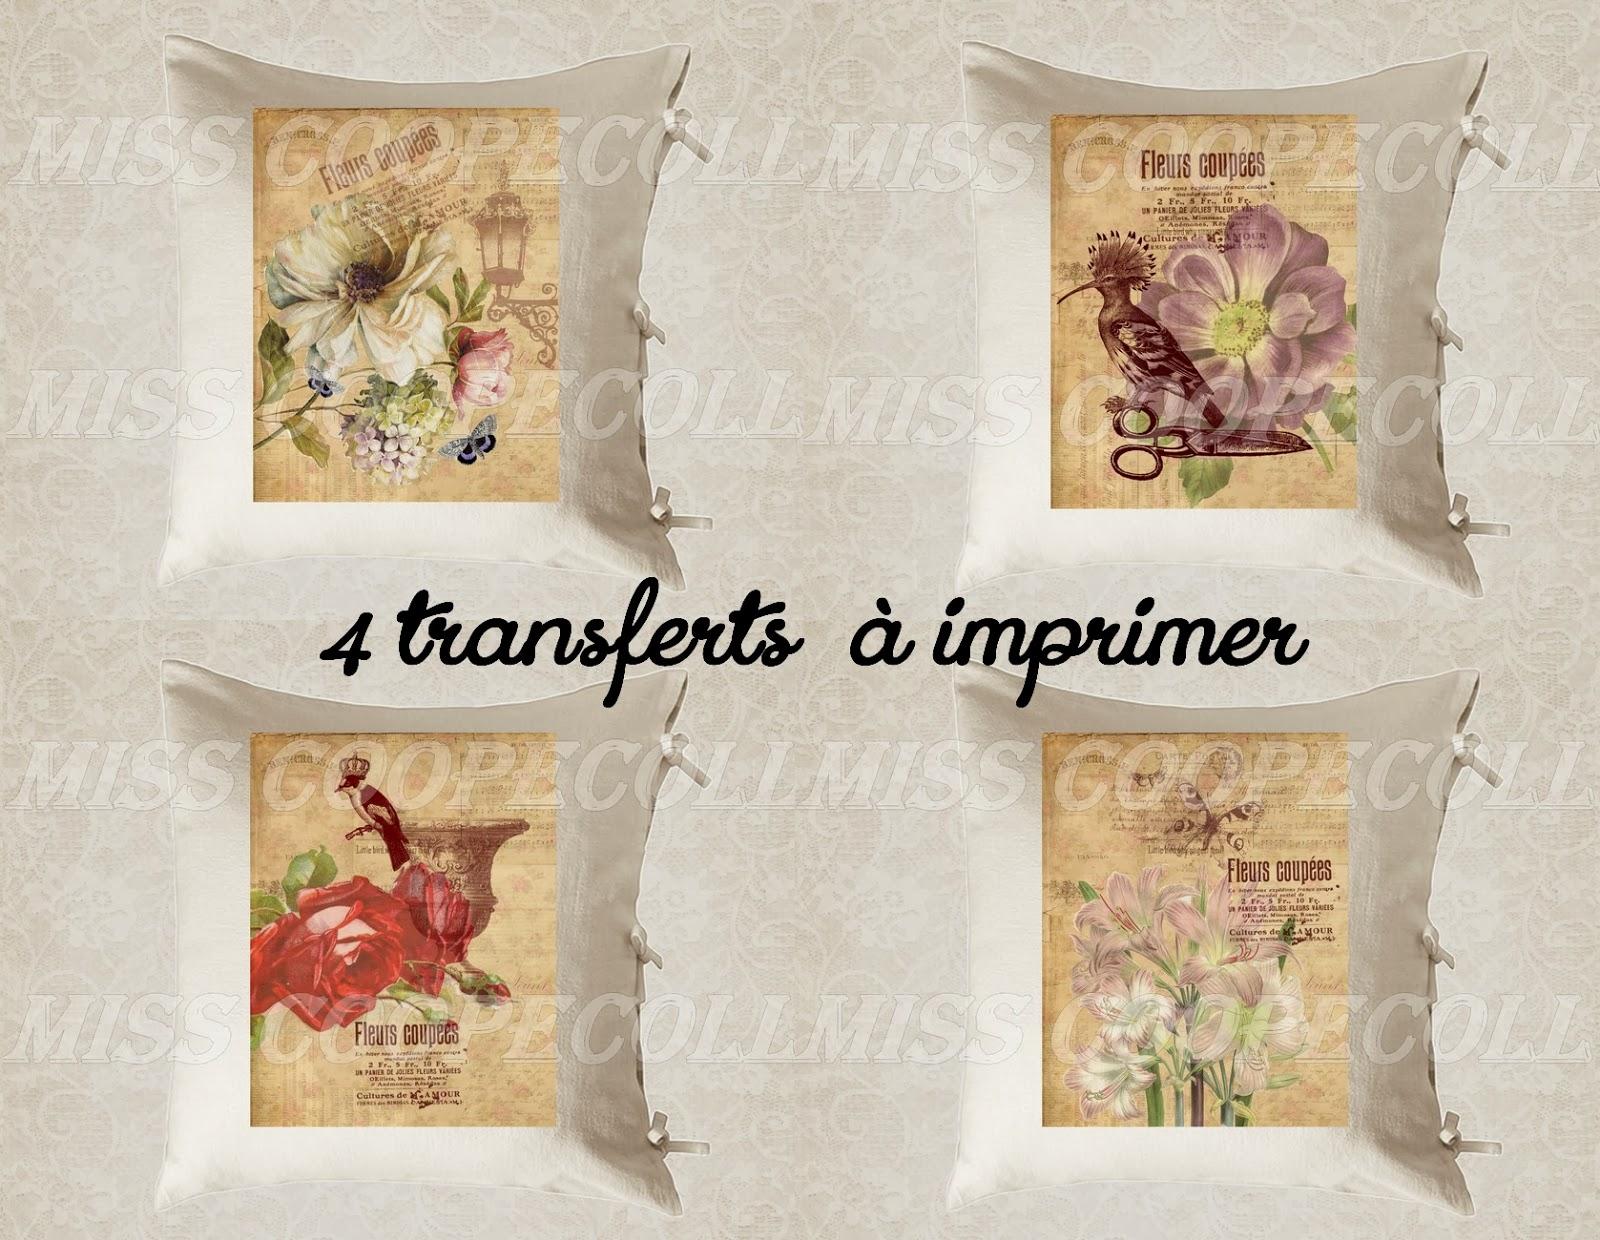 http://www.alittlemarket.com/autres-pieces-pour-creations/nouveau_4_images_digitales_pour_transfert_tissu_fleurs_coupees_envoi_par_mail-6911895.html